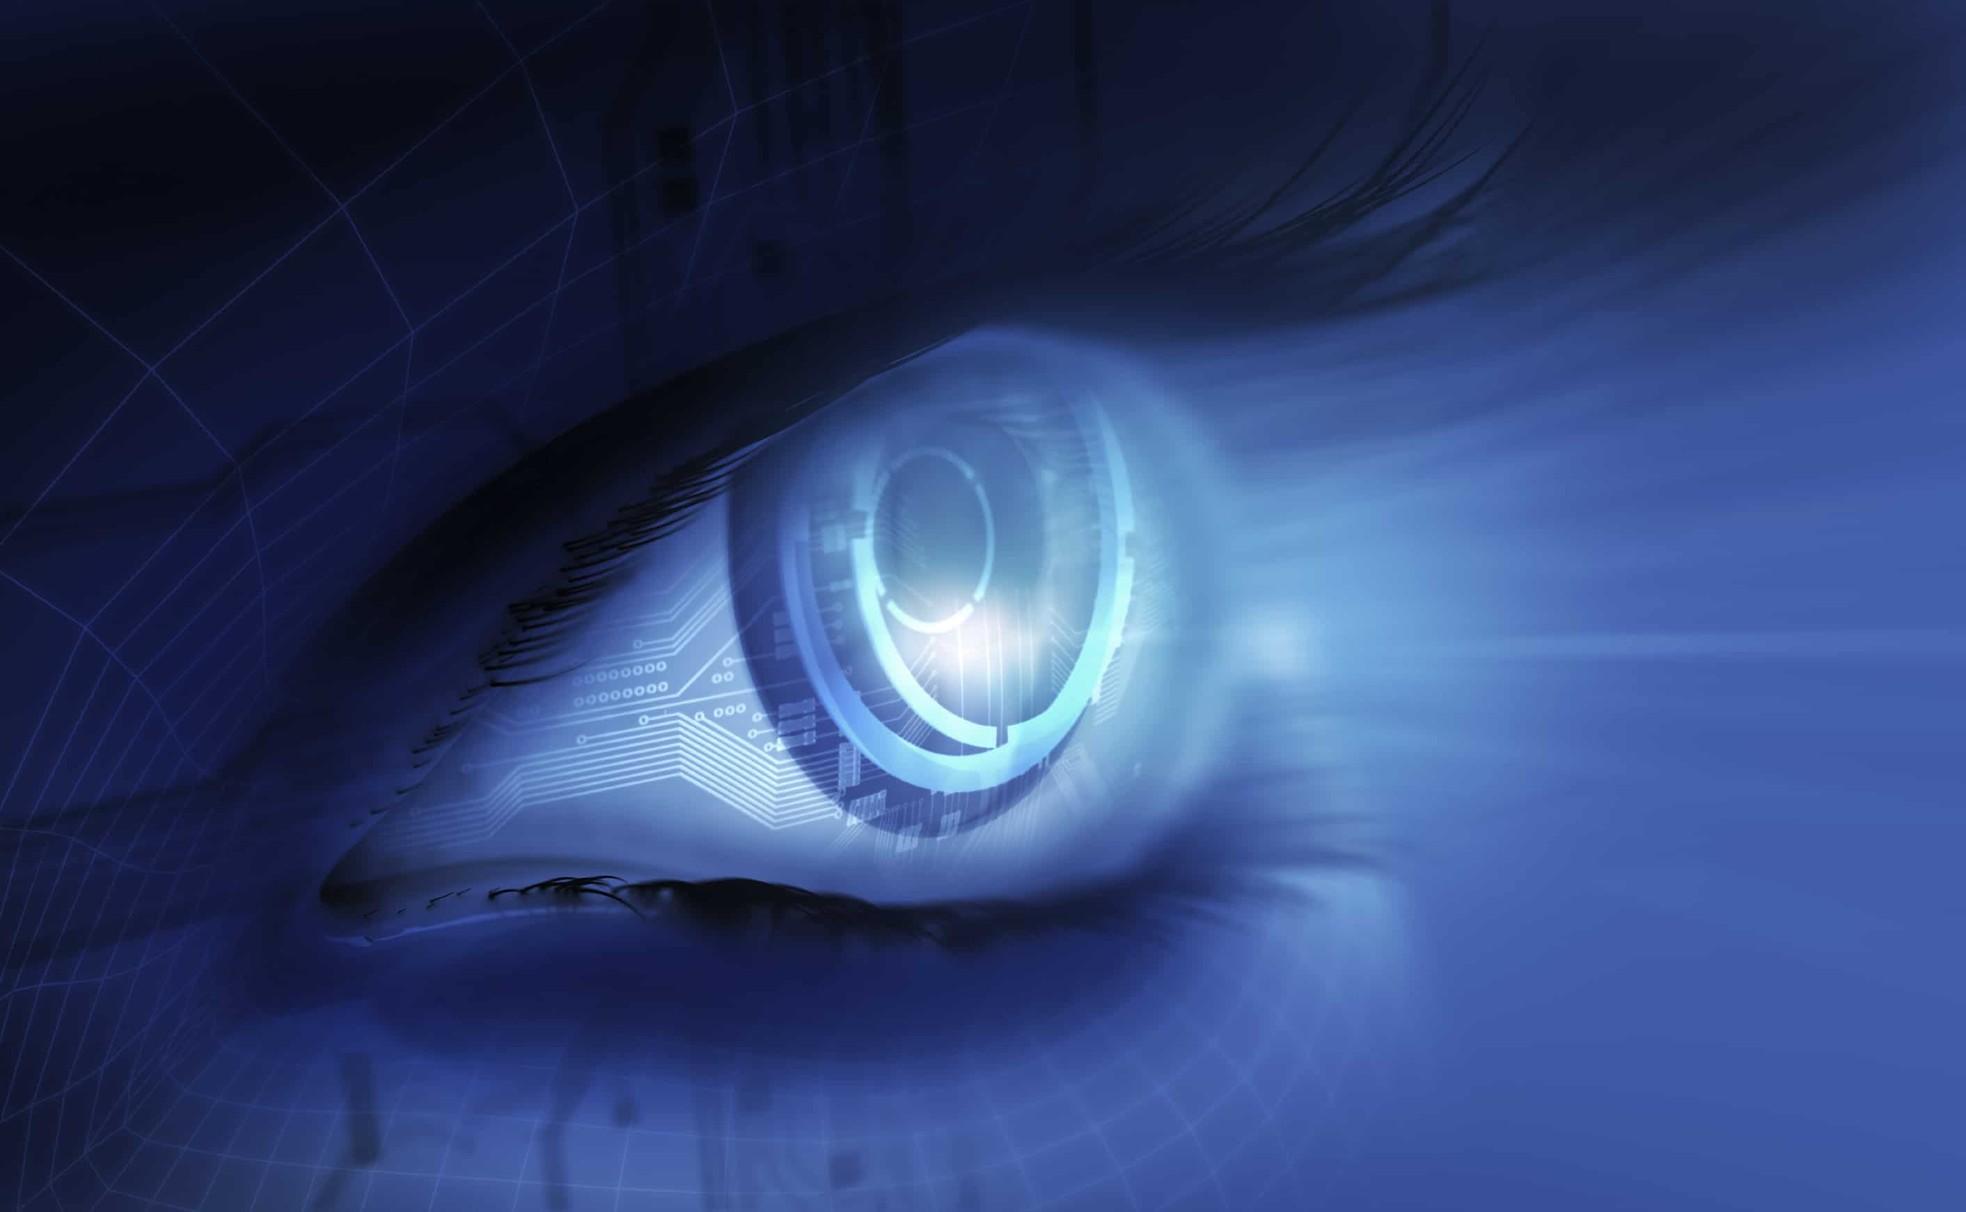 'Cửa sổ tâm hồn' chết dần vì công nghệ ảnh 3